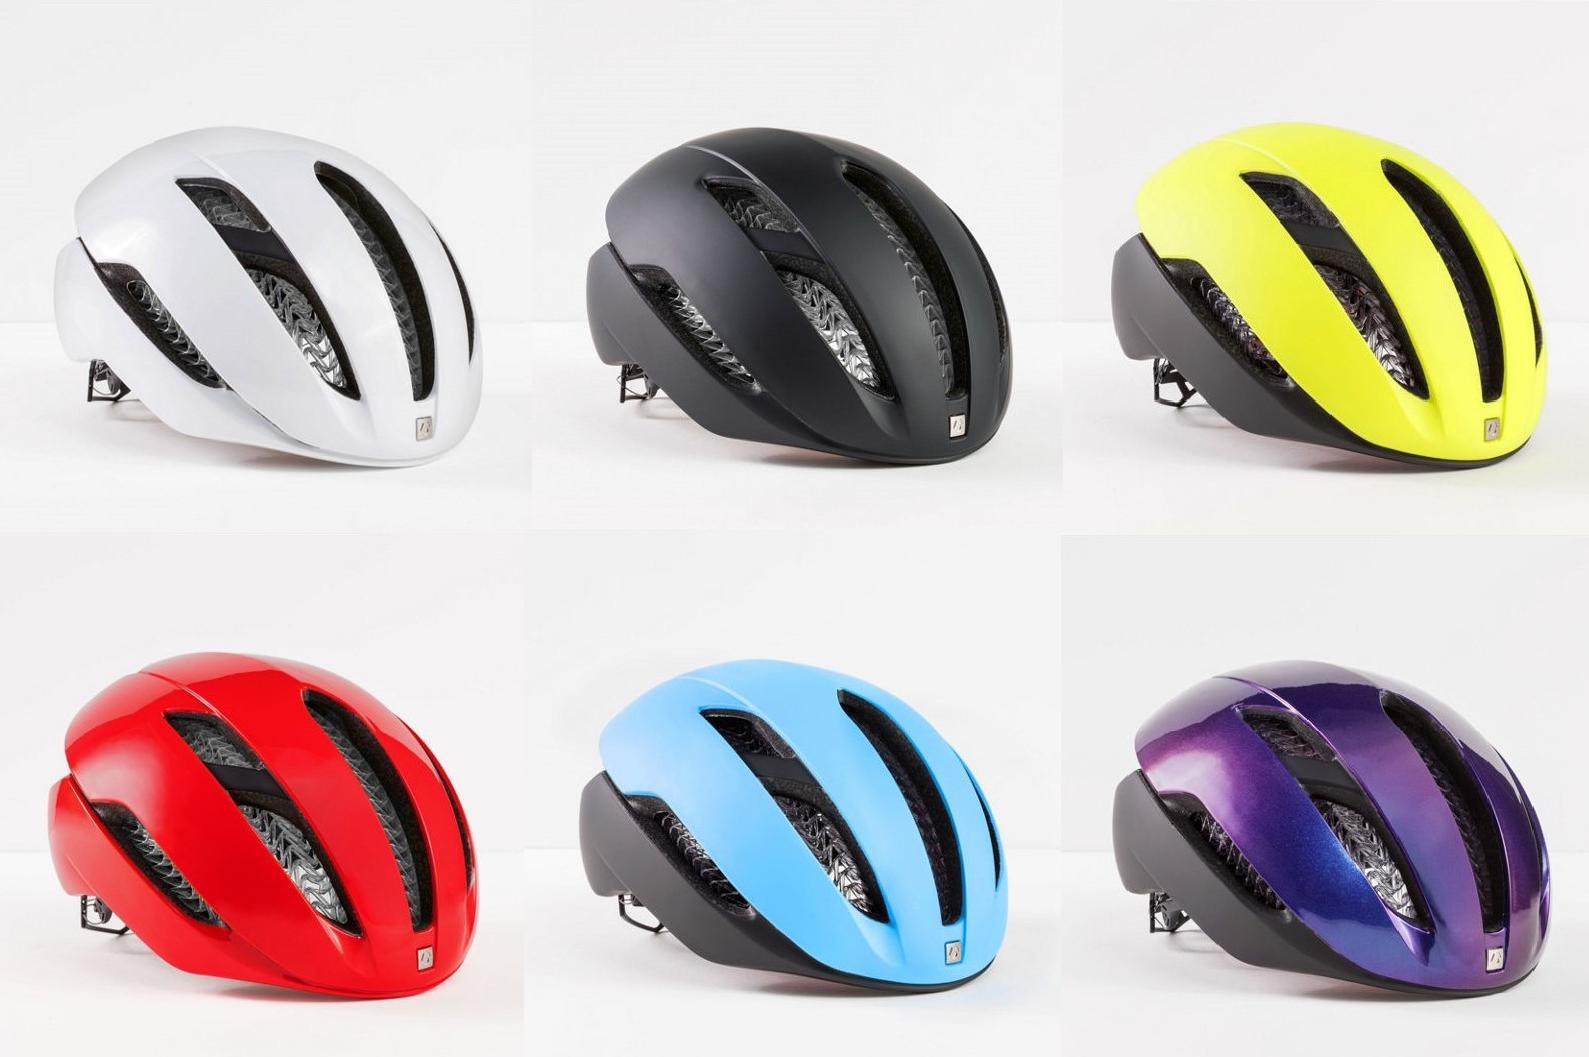 TREK TEST RIDE-トレック大試乗会‐で最新技術搭載のあのヘルメットも試せます‼